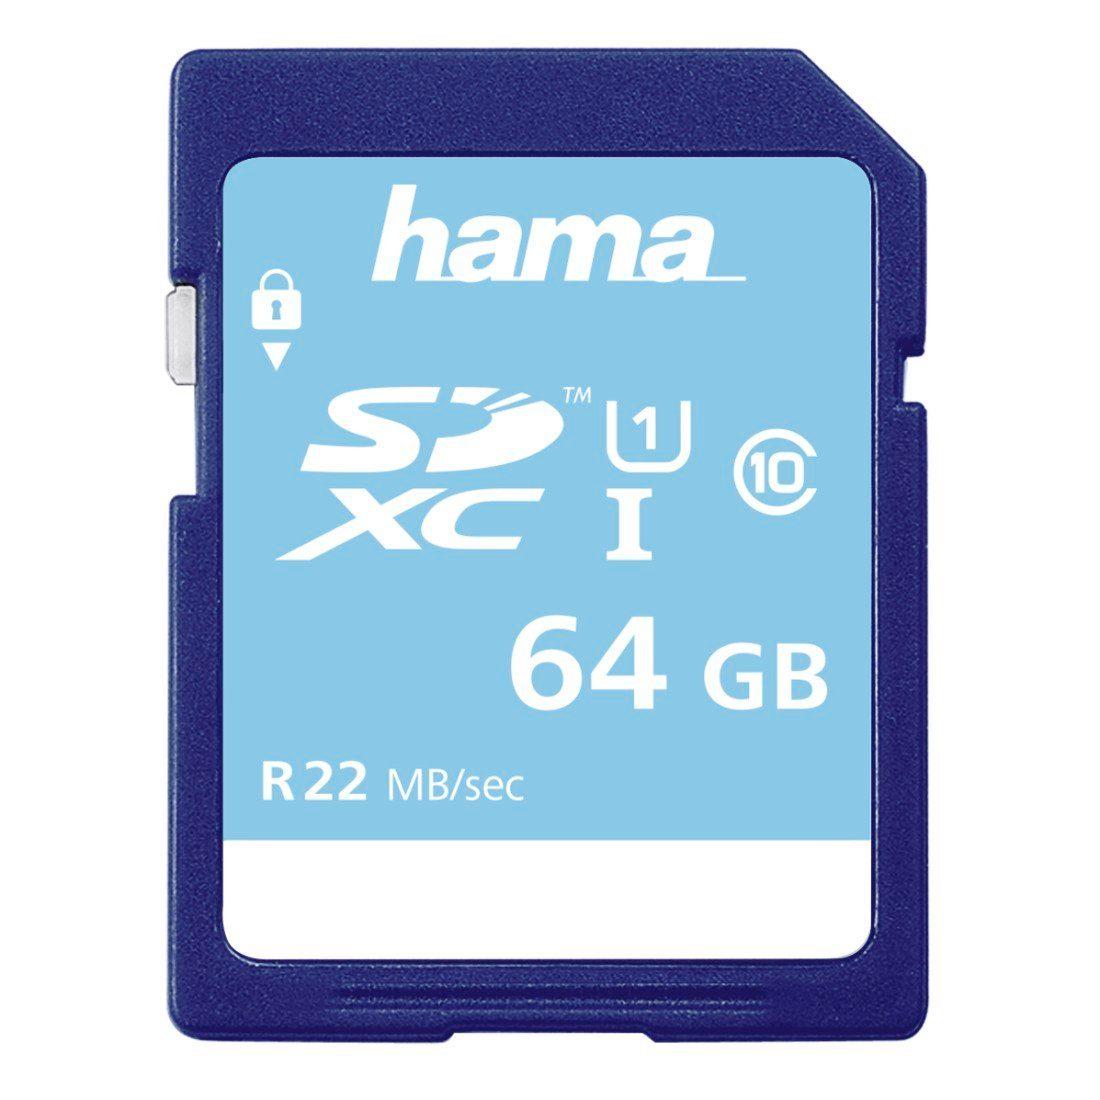 Hama Speicherkarte SDXC 64GB Class 10 UHS-I 22MB/s »für HD-Videoaufnahmen geeignet«